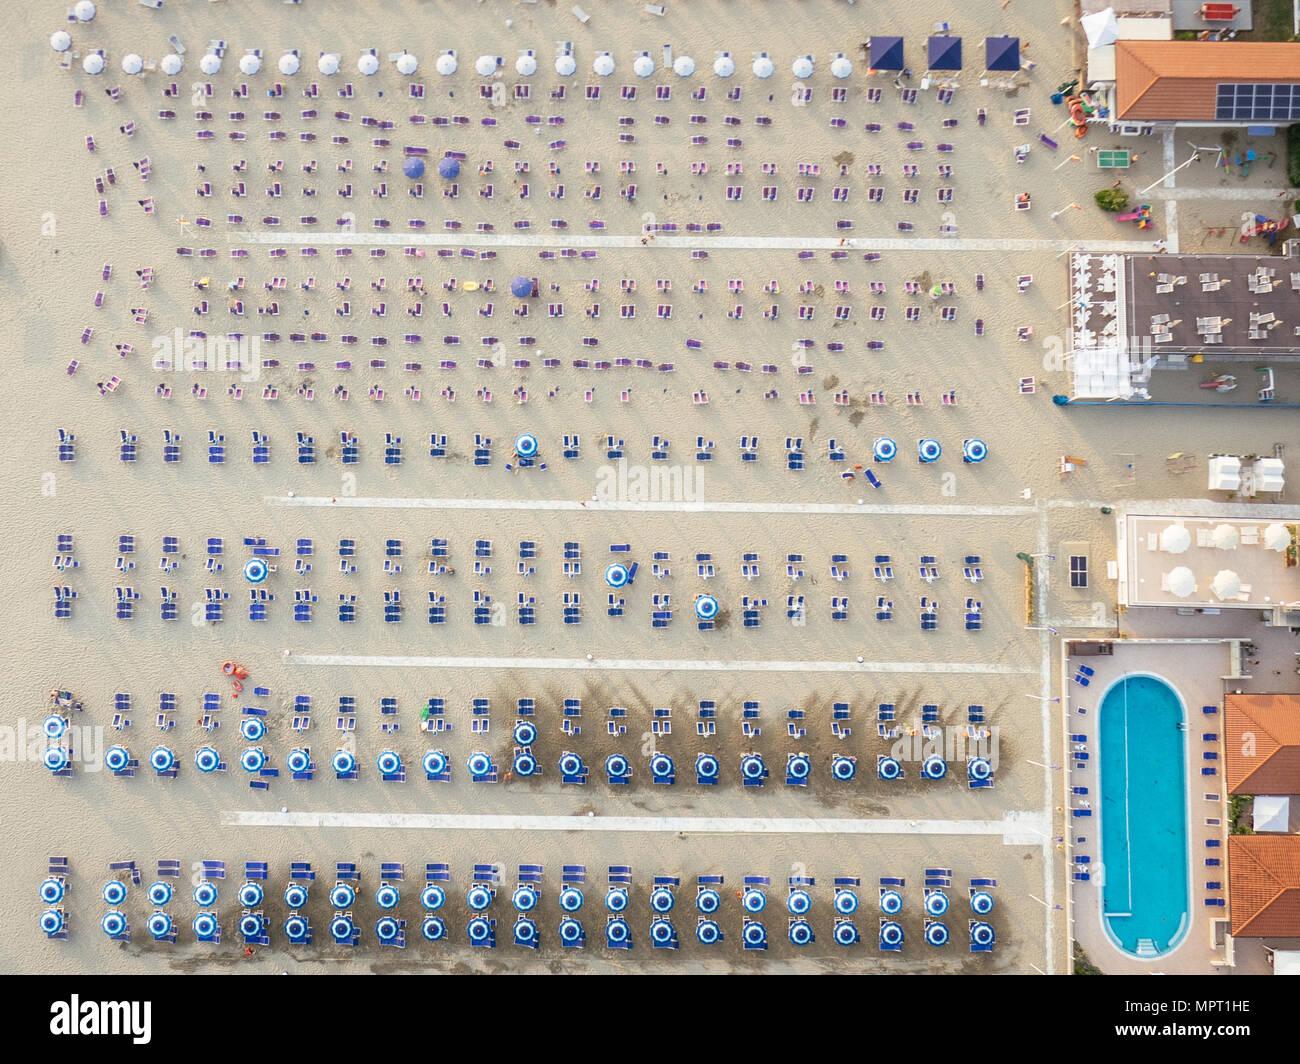 Vue aérienne de la plage de Viareggio est le avec parasols et sièges, coloré avec des couleurs pour marquer une division entre le propriétaire de la plage Banque D'Images